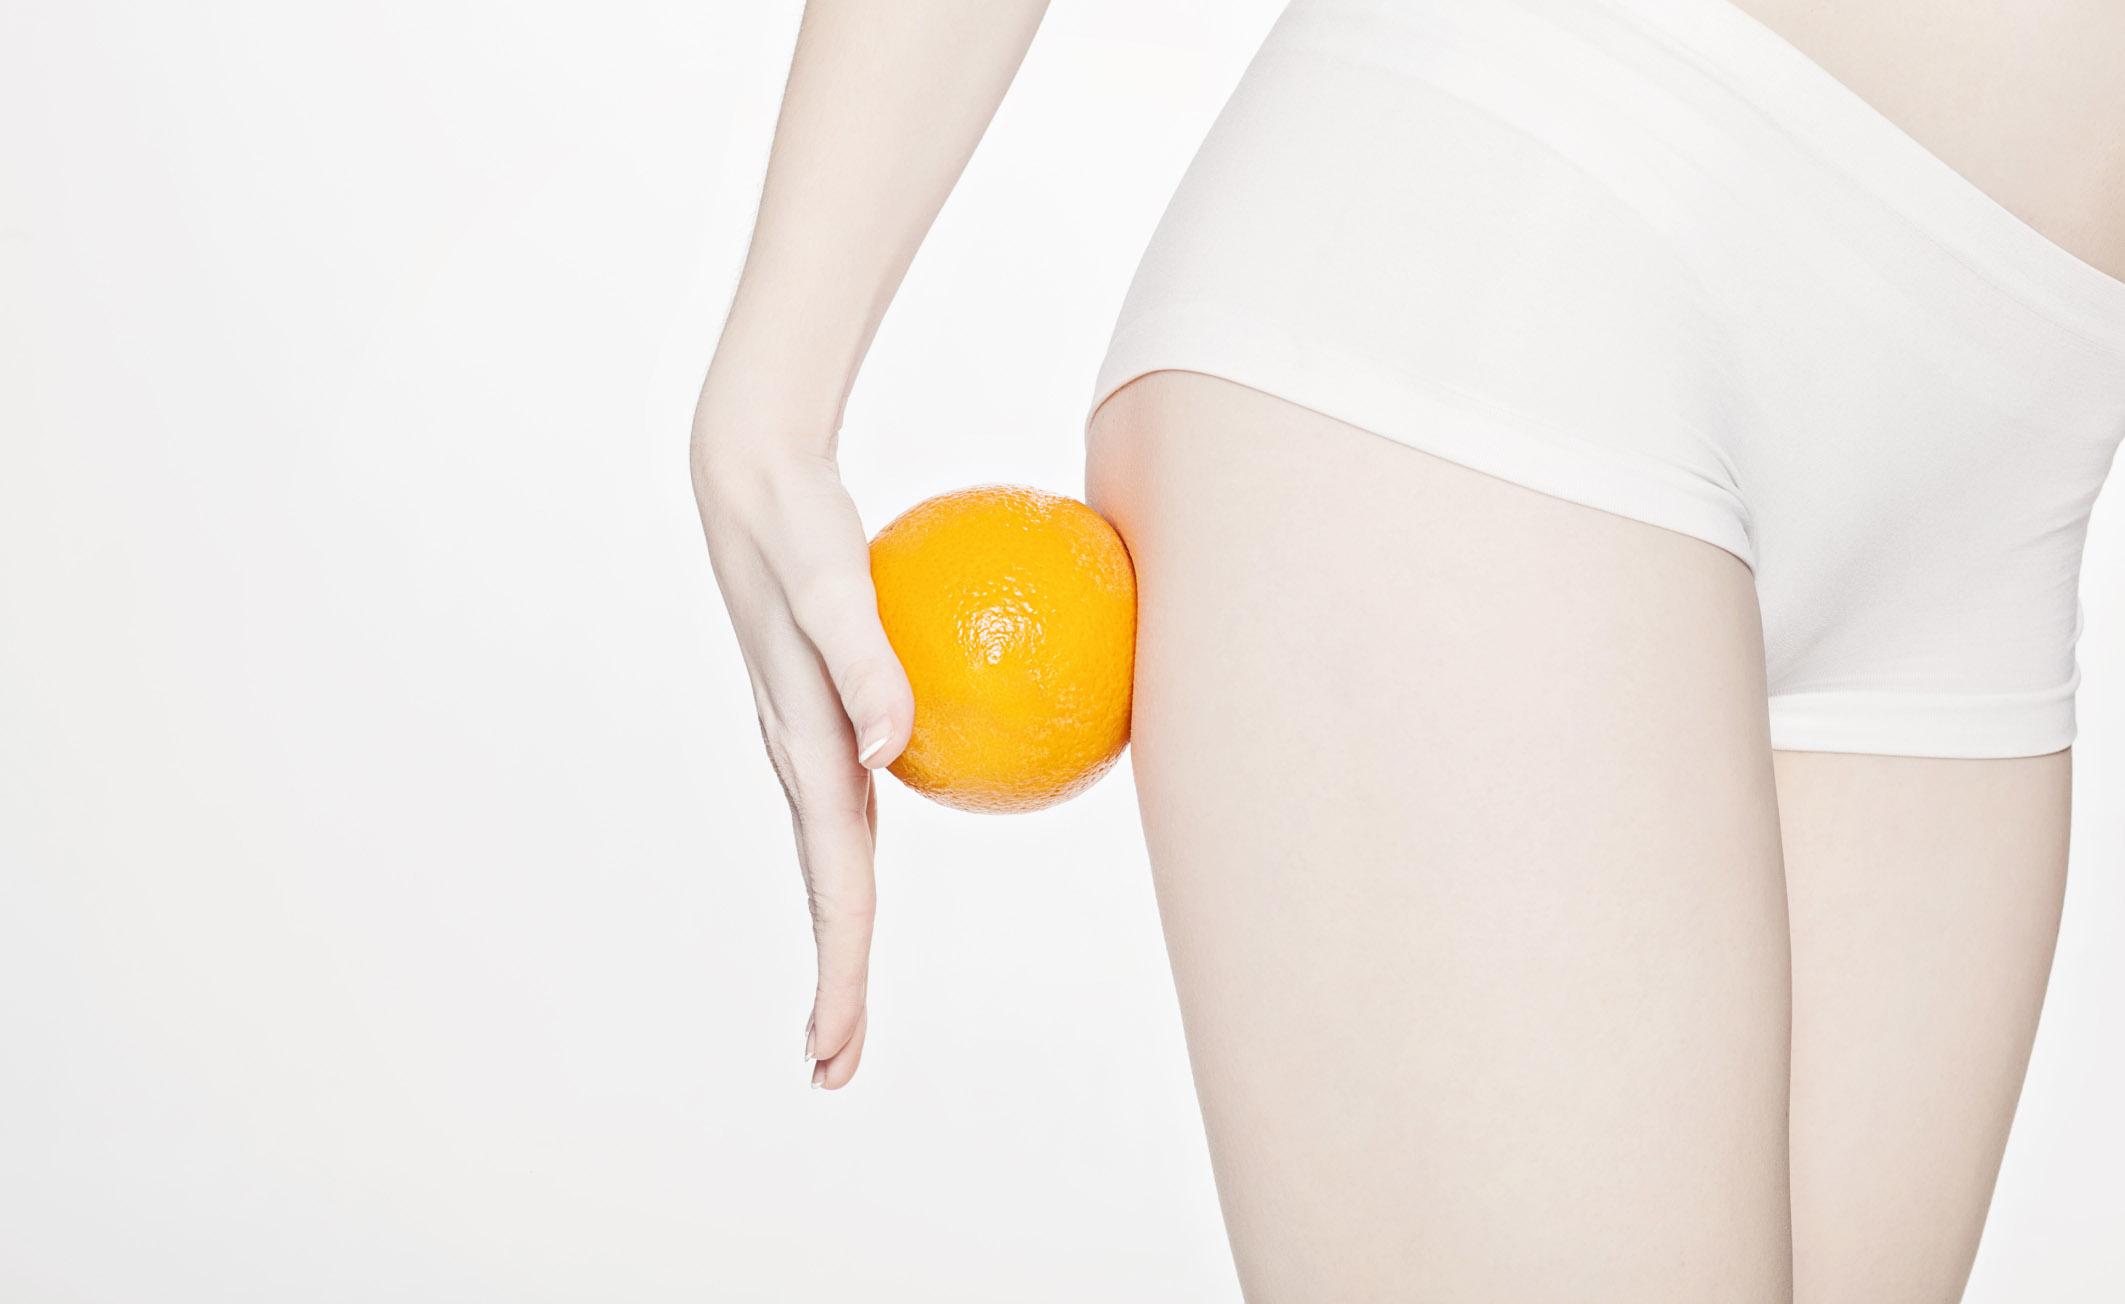 Nuovi trattamenti per dire addio alla cellulite